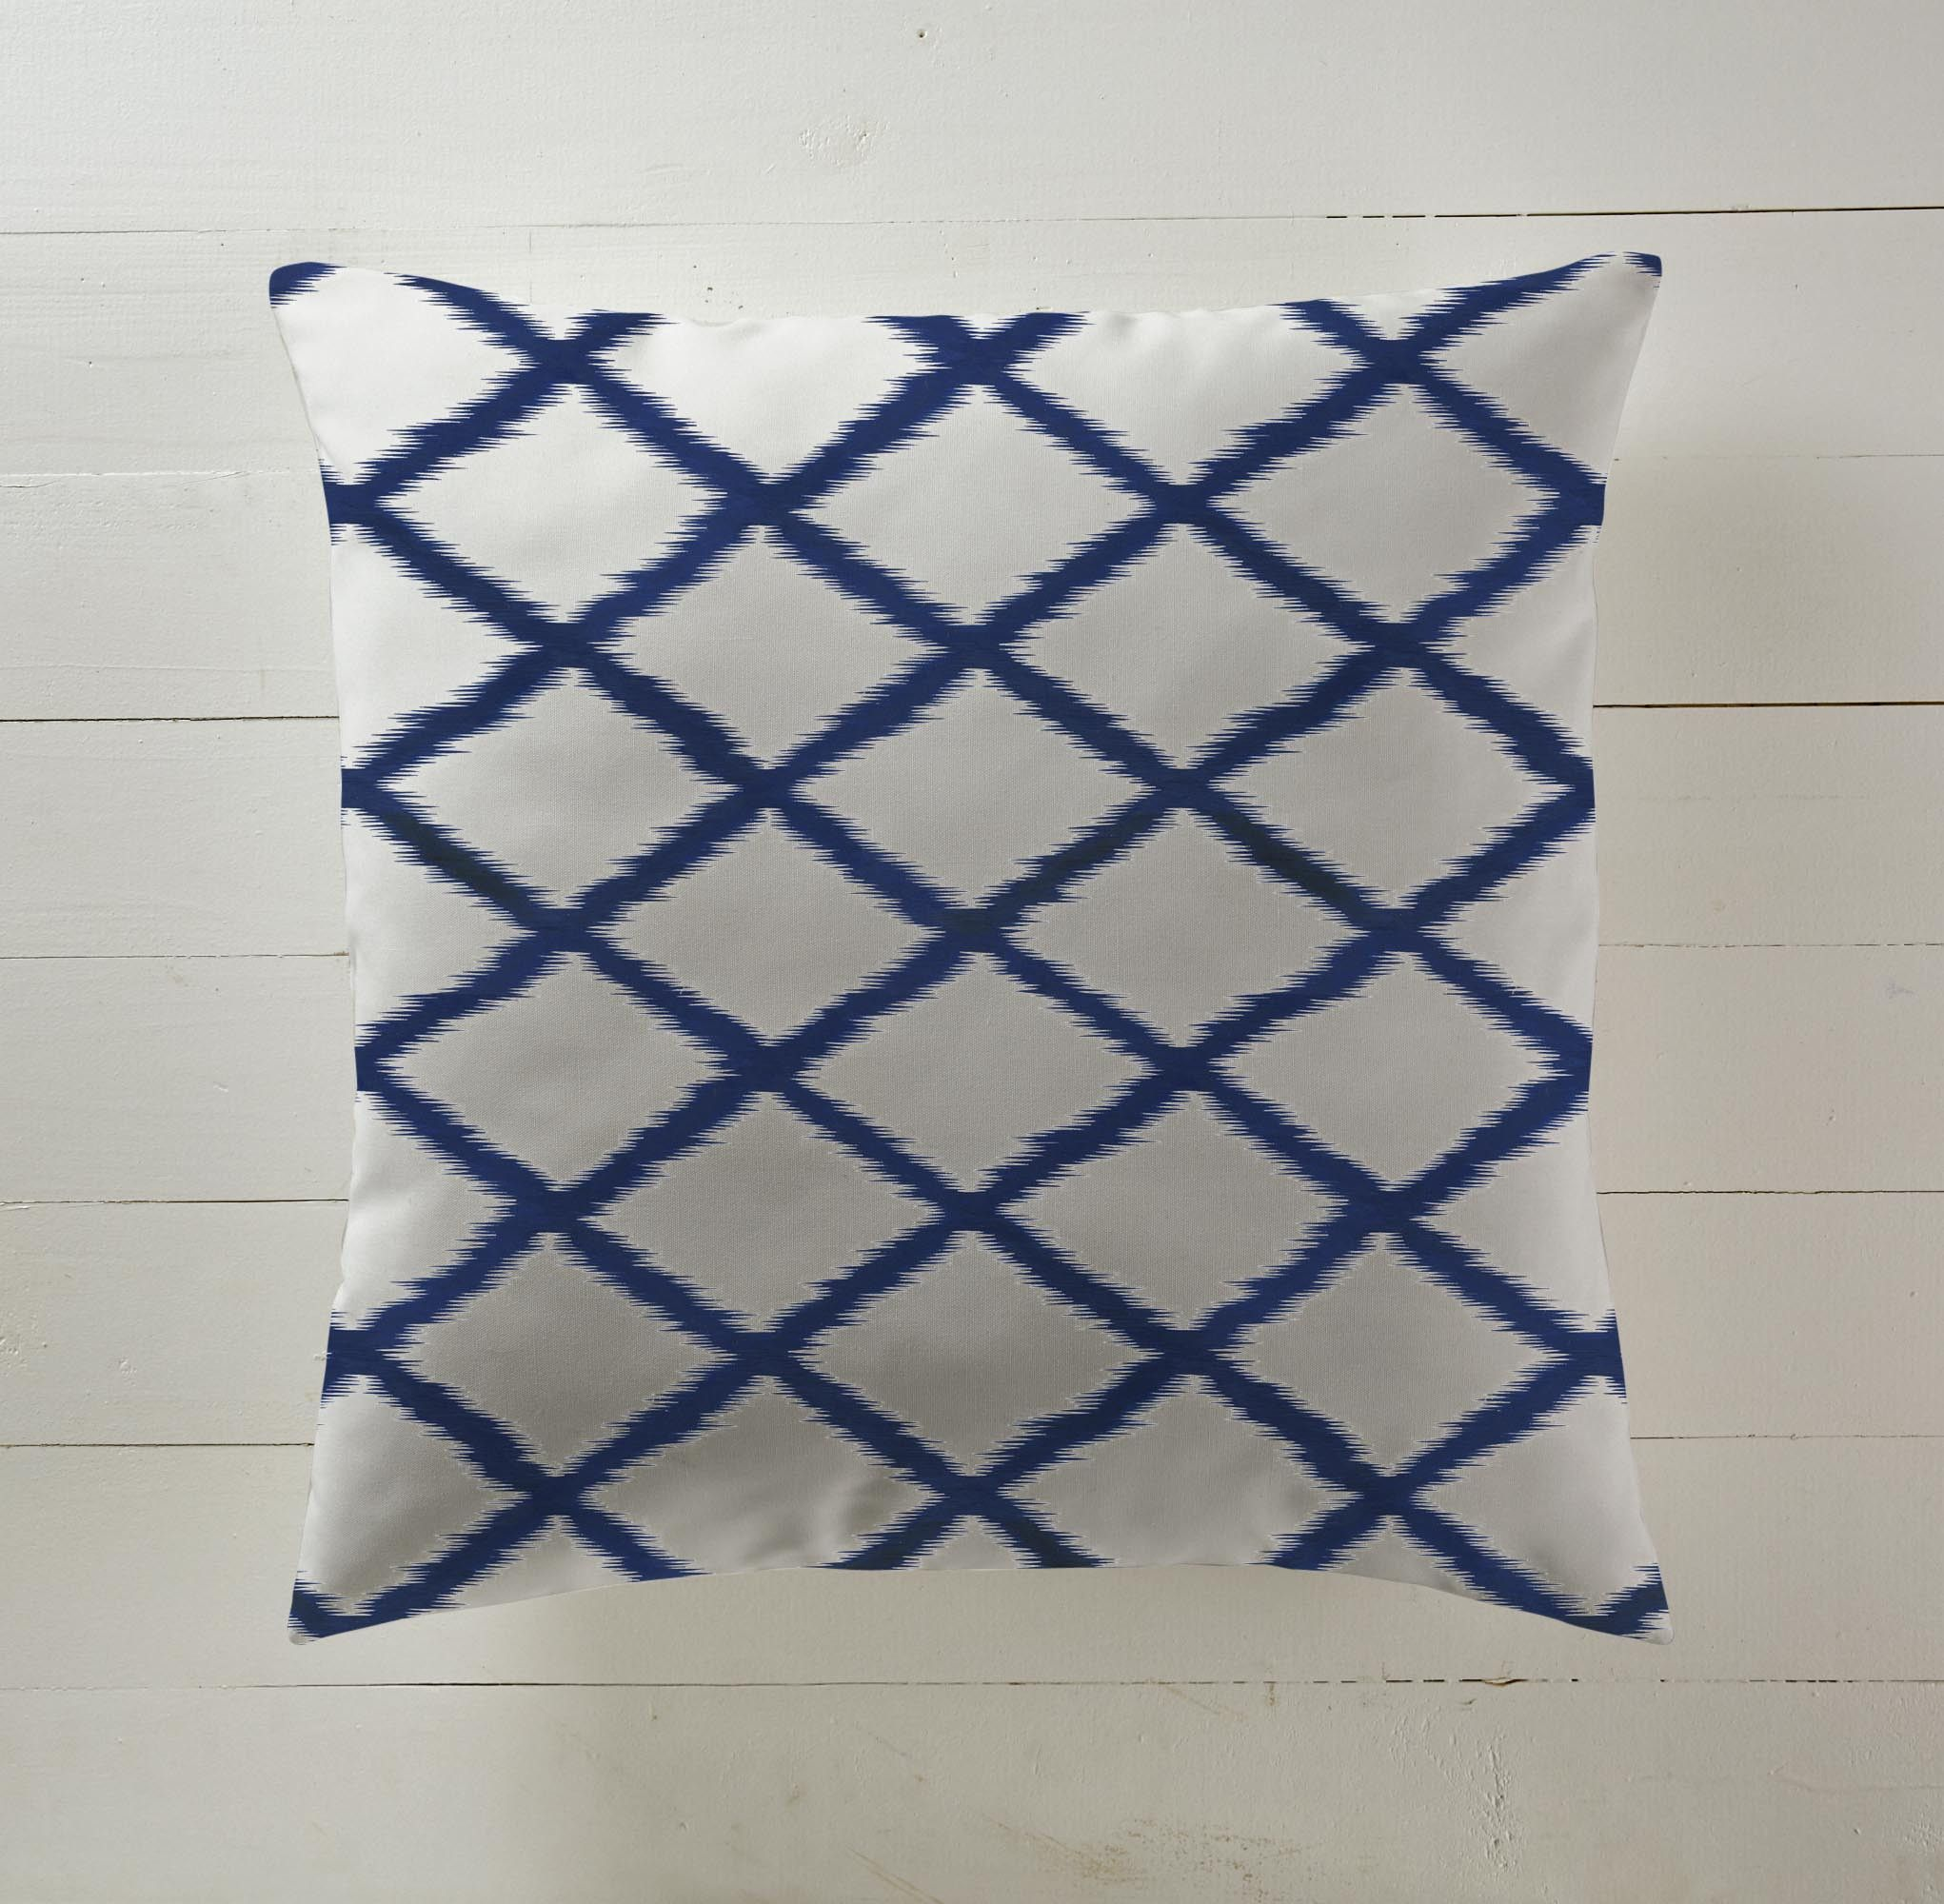 Batik diamond grid